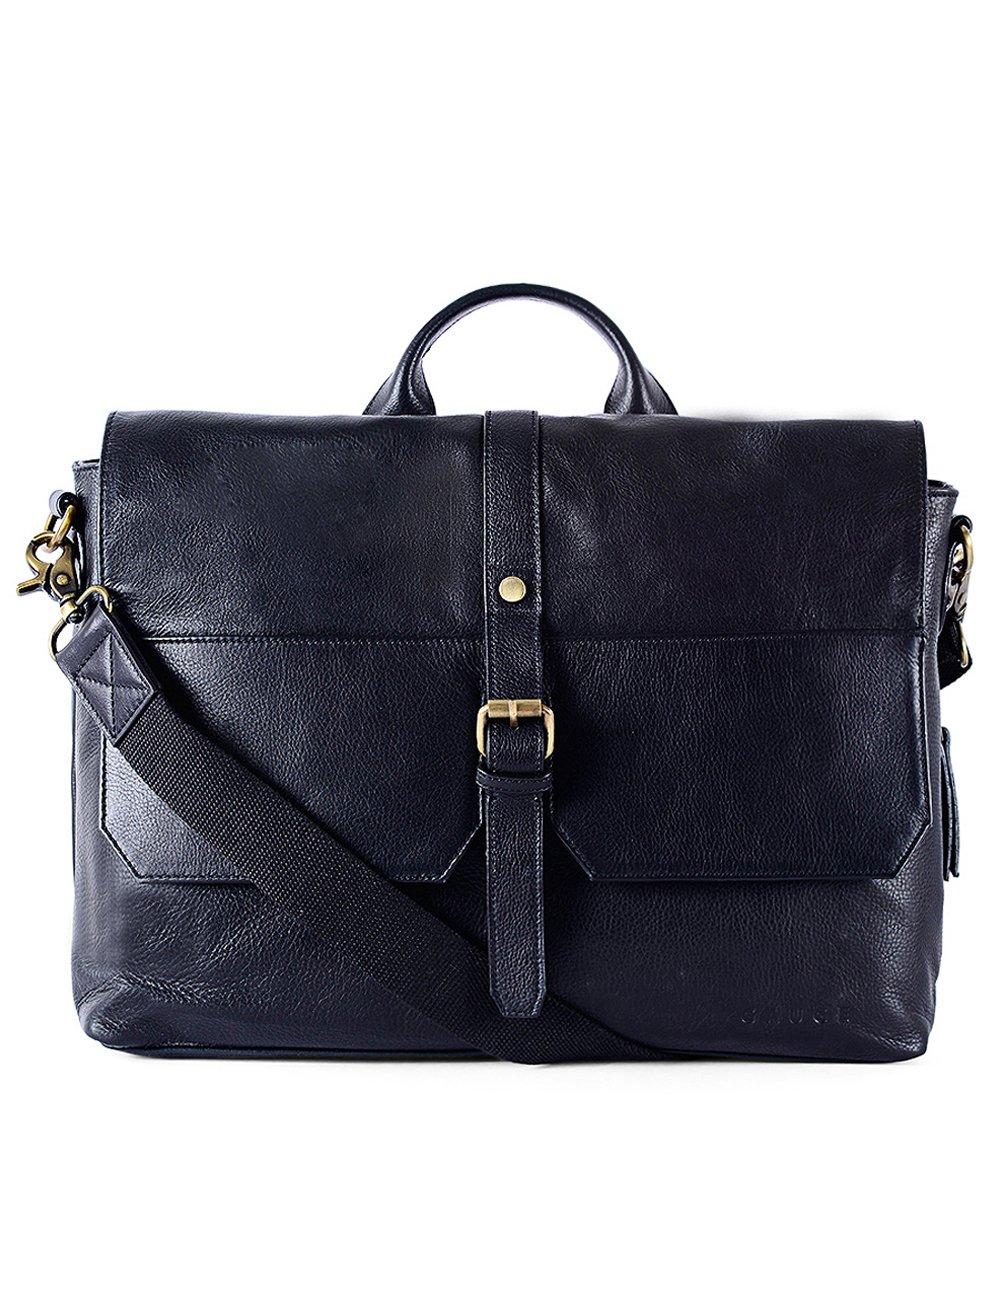 Gauge 17 Inch Textured Leather Laptop Messenger Bag Office Briefcase College Bag Satchel for Men (Black) 85%OFF